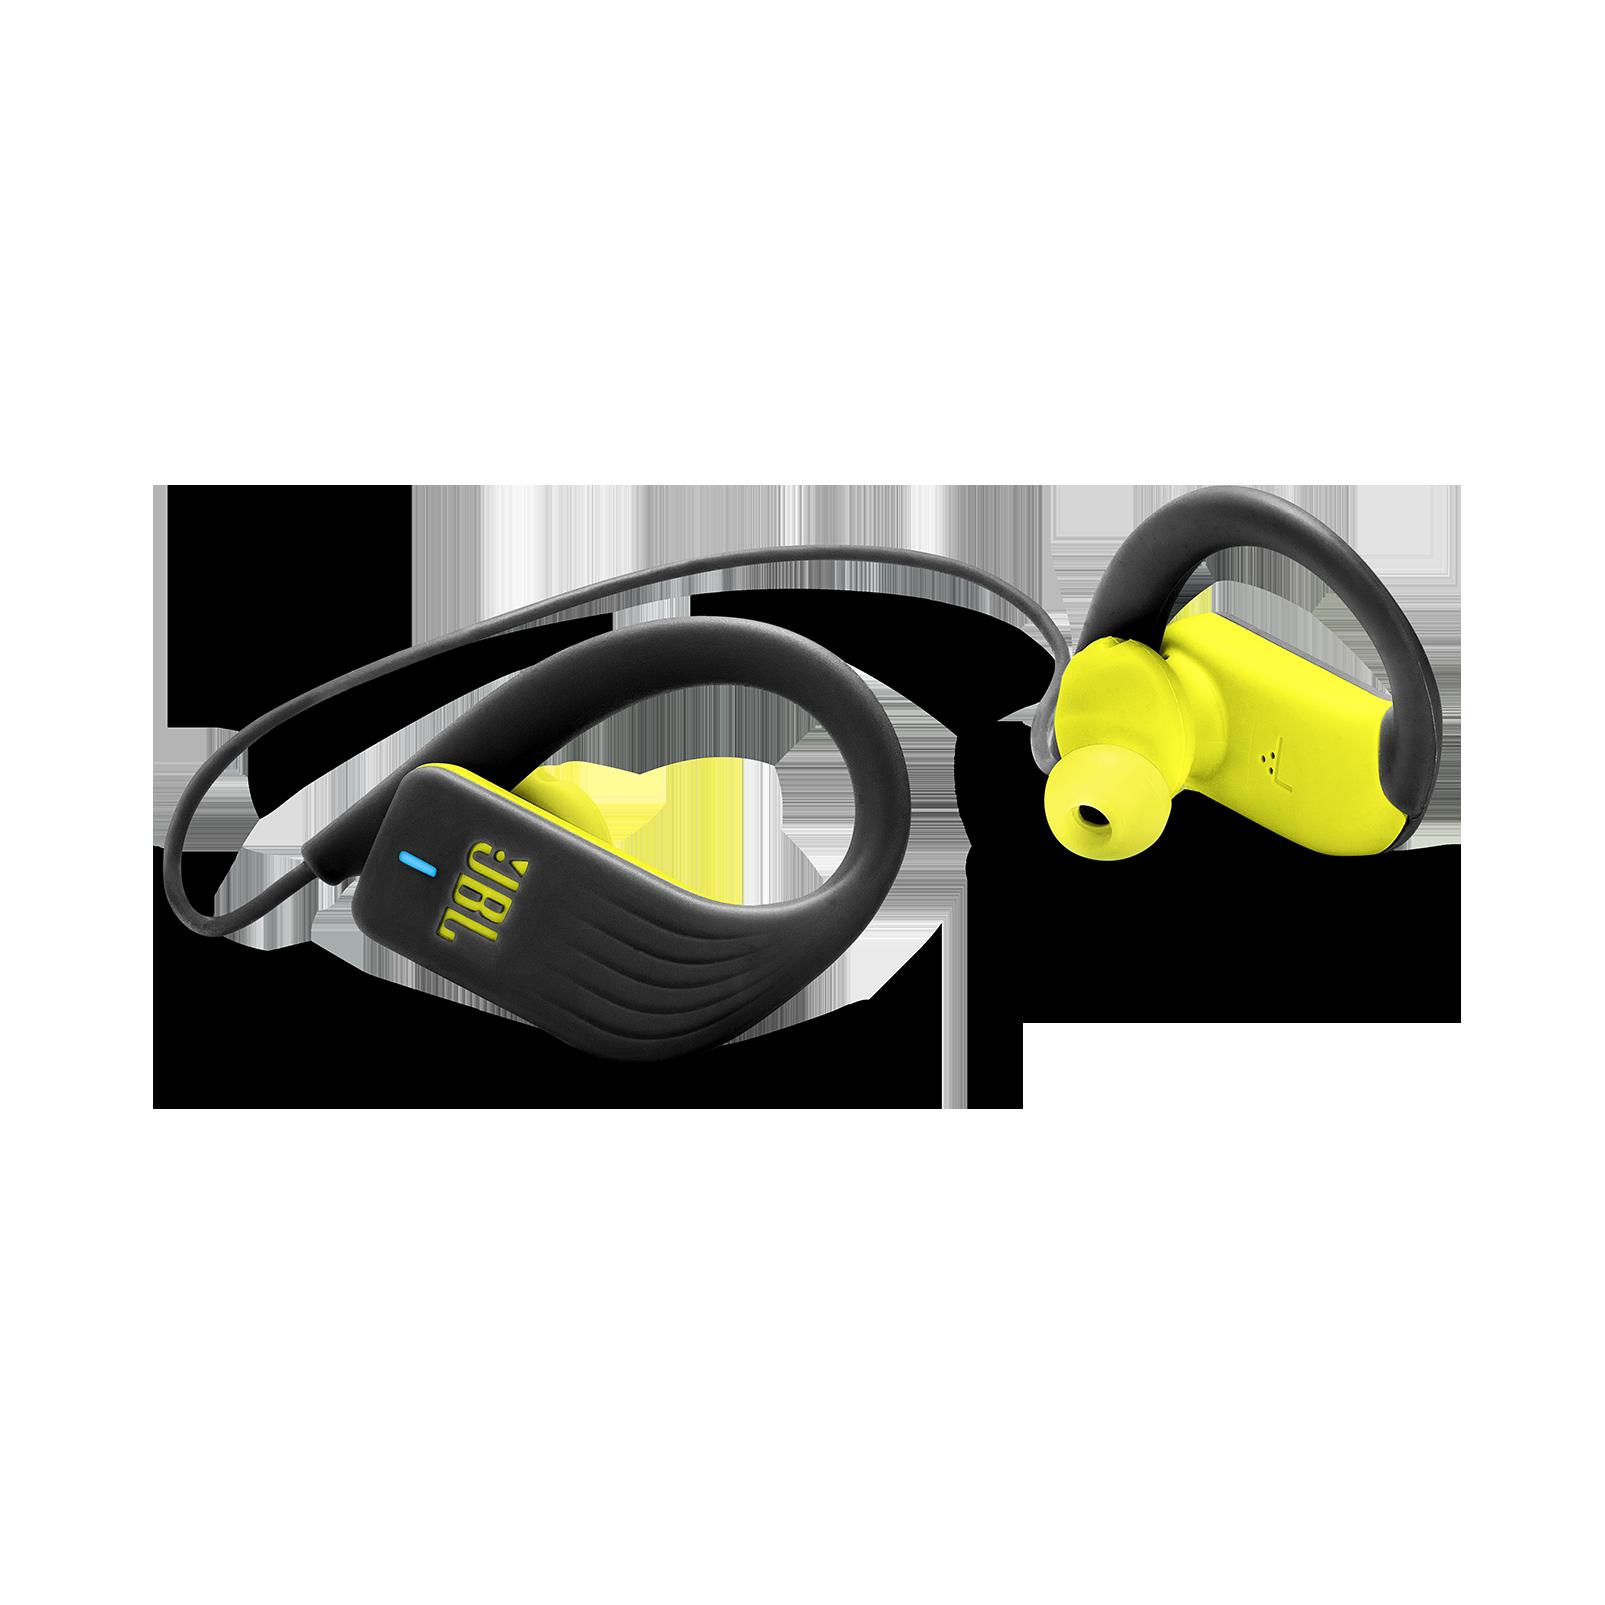 JBL Endurance SPRINT - Yellow - Waterproof Wireless In-Ear Sport Headphones - Detailshot 1